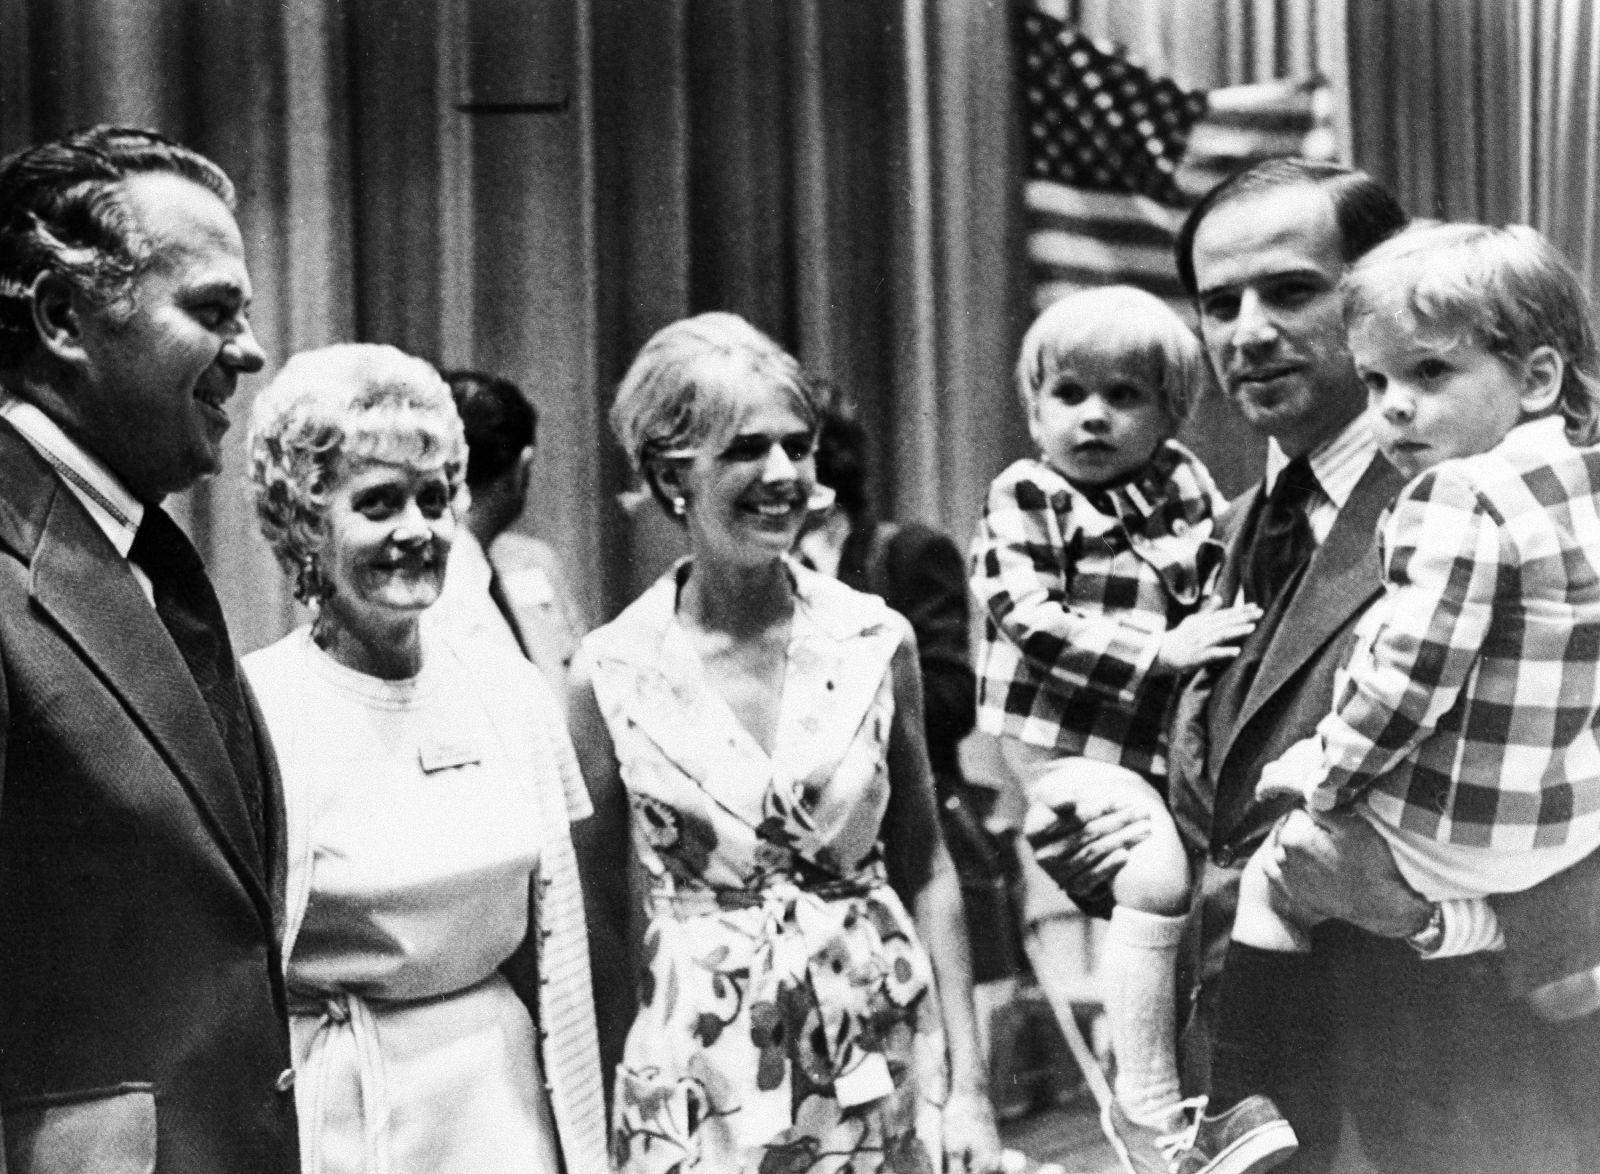 બાઈડન વર્ષ 1972માં ડેલવેરમાં ડેમોક્રેટીક કન્વેન્શનમાં ભાગ લેતી વખતે તેમના દિકરા બ્યુ (ડાબી બાજુ) અને હંટર સાથે દેખાય છે. તેમની પત્ની નિલિયા પણ સાથે છે.